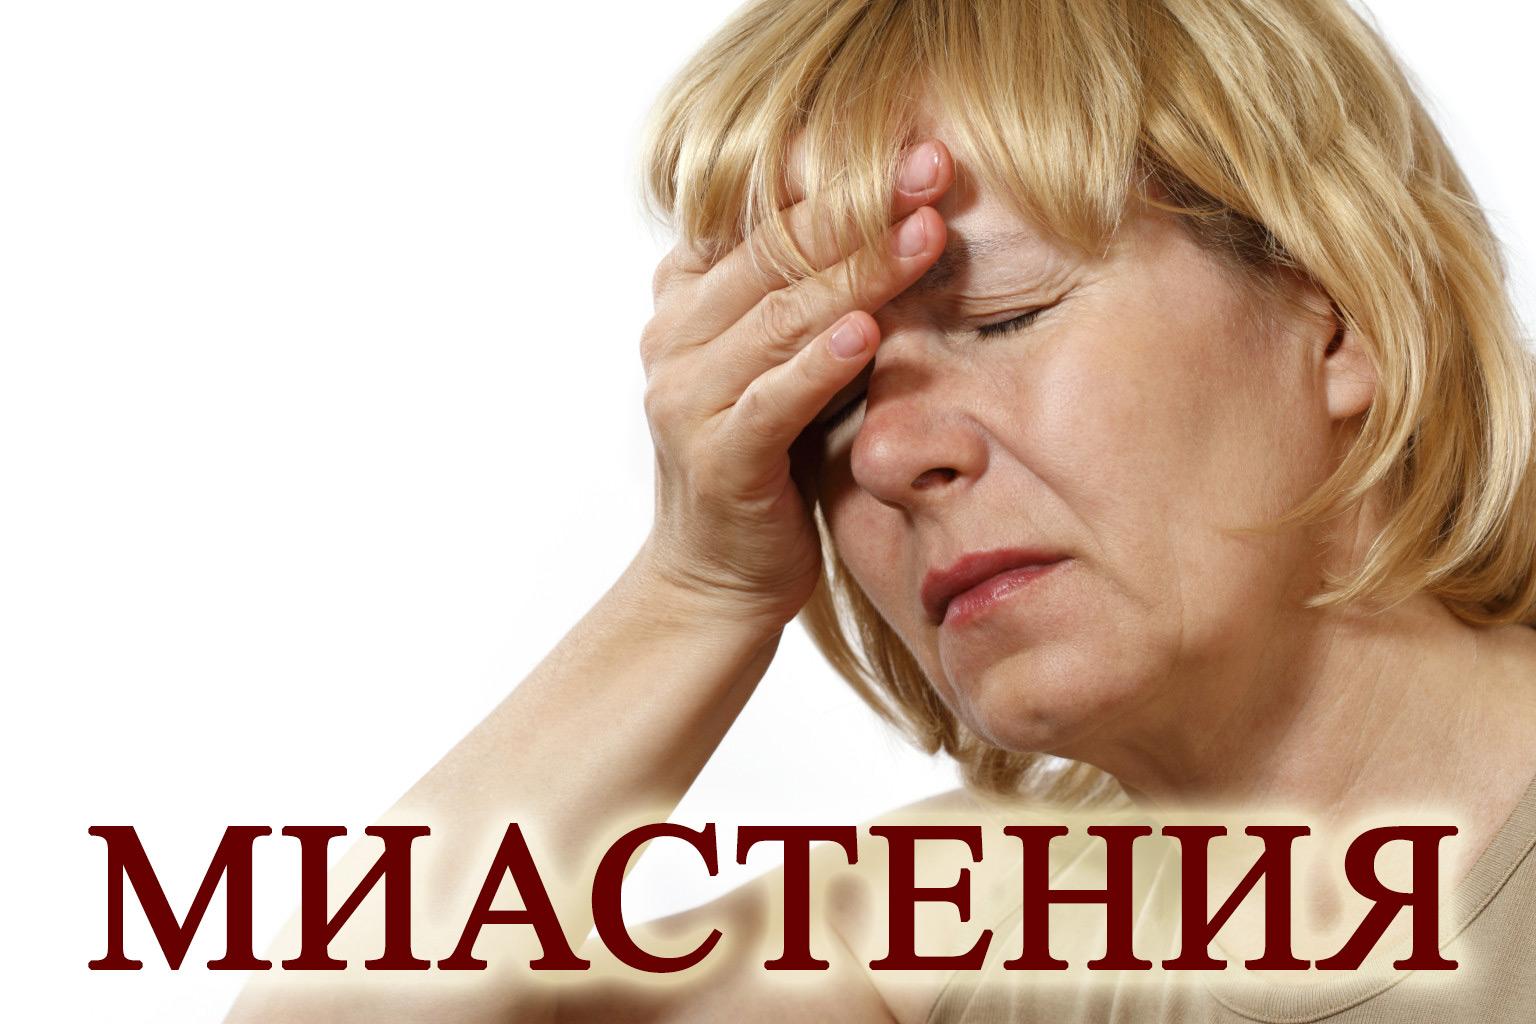 Тяжелая миастения: симптомы, причины, лечение, признаки